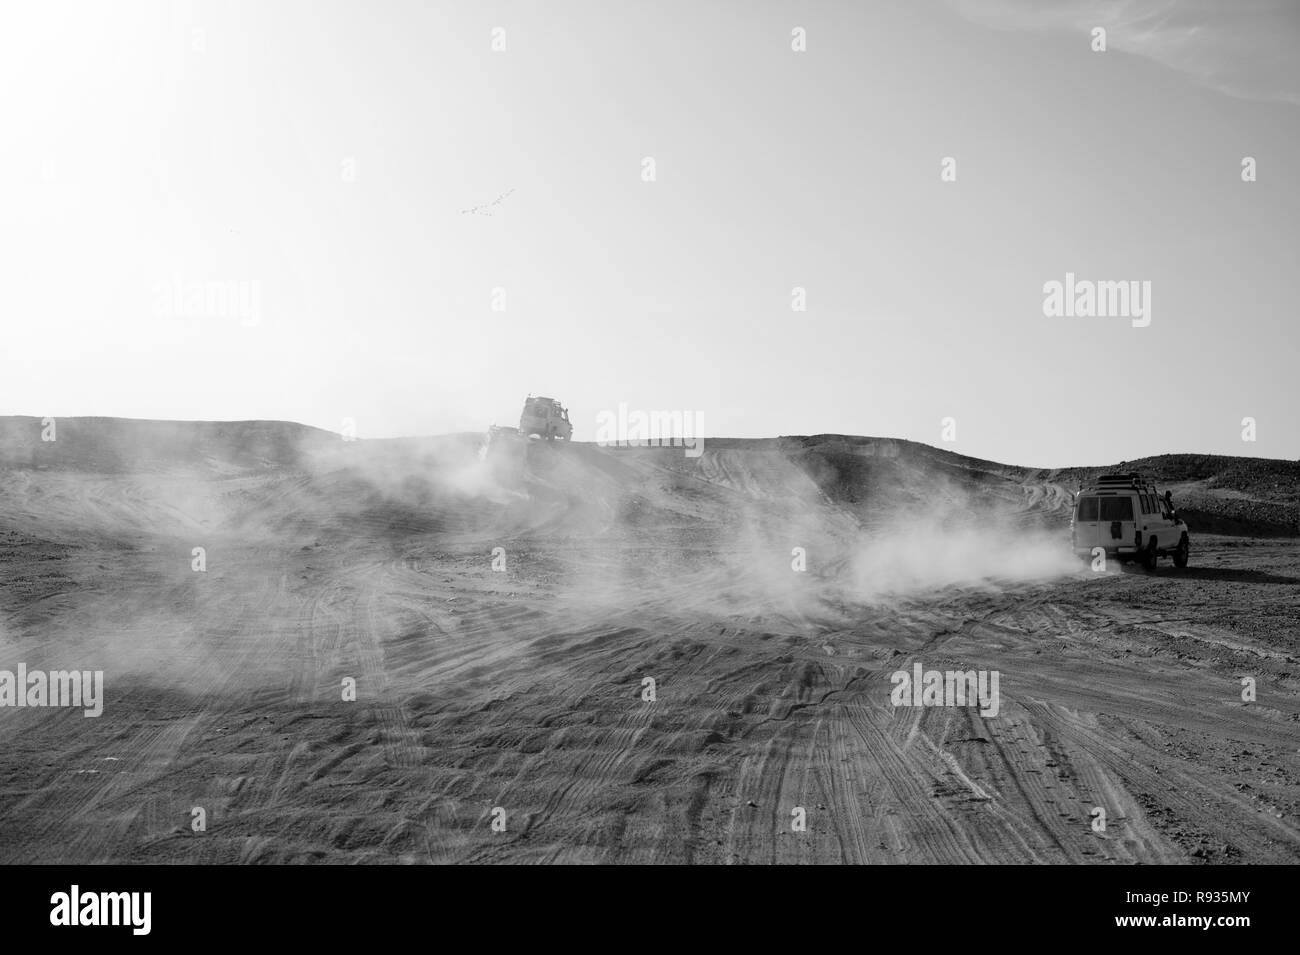 Course défi concours désert. Location de surmonter les obstacles de dunes de sable. Voiture conduit le tout-terrain avec des nuages de poussière. Véhicule hors route course obstacles dans désert. Désert sans fin. Course en désert de sable. Banque D'Images